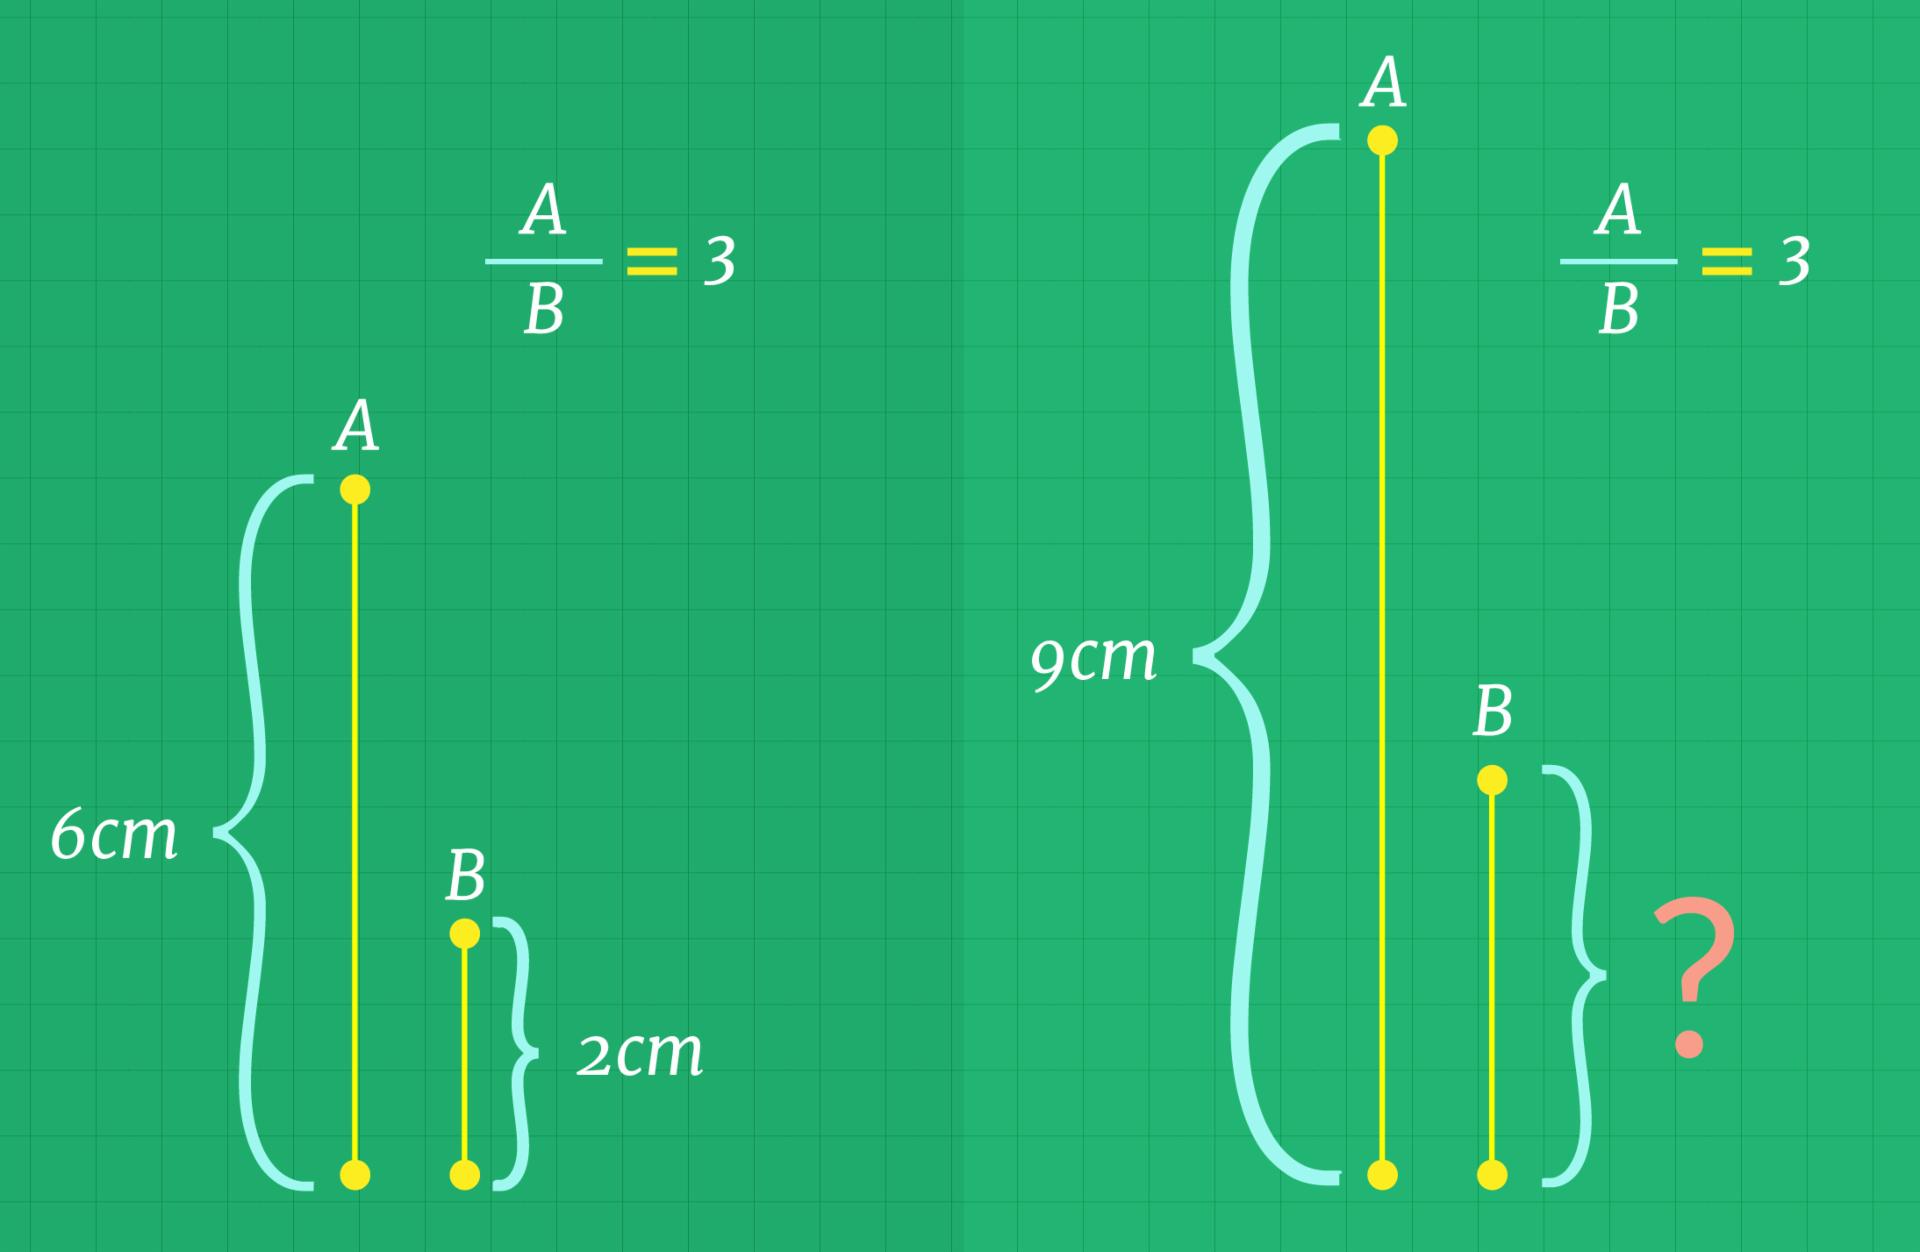 Dois pares de segmentos A razão entre cada par de segmentos é 3